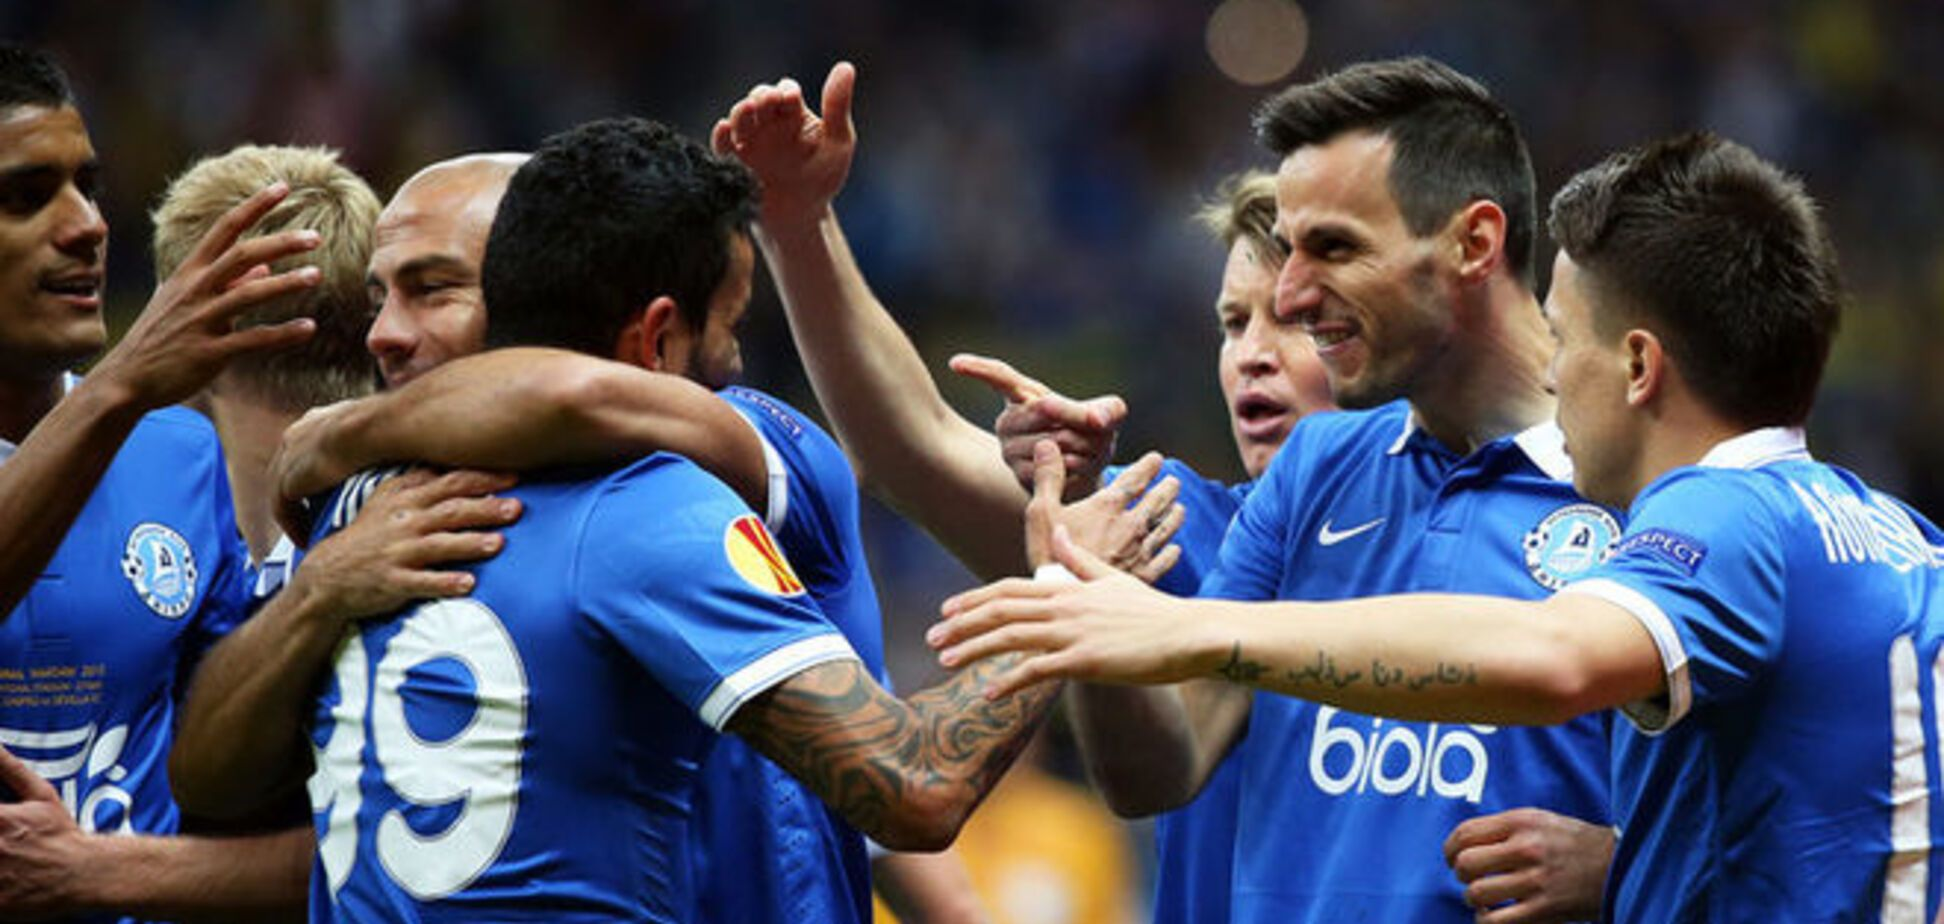 'Братья казацкого роду'! Реакция соцсетей на поражение 'Днепра' в финале Лиги Европы